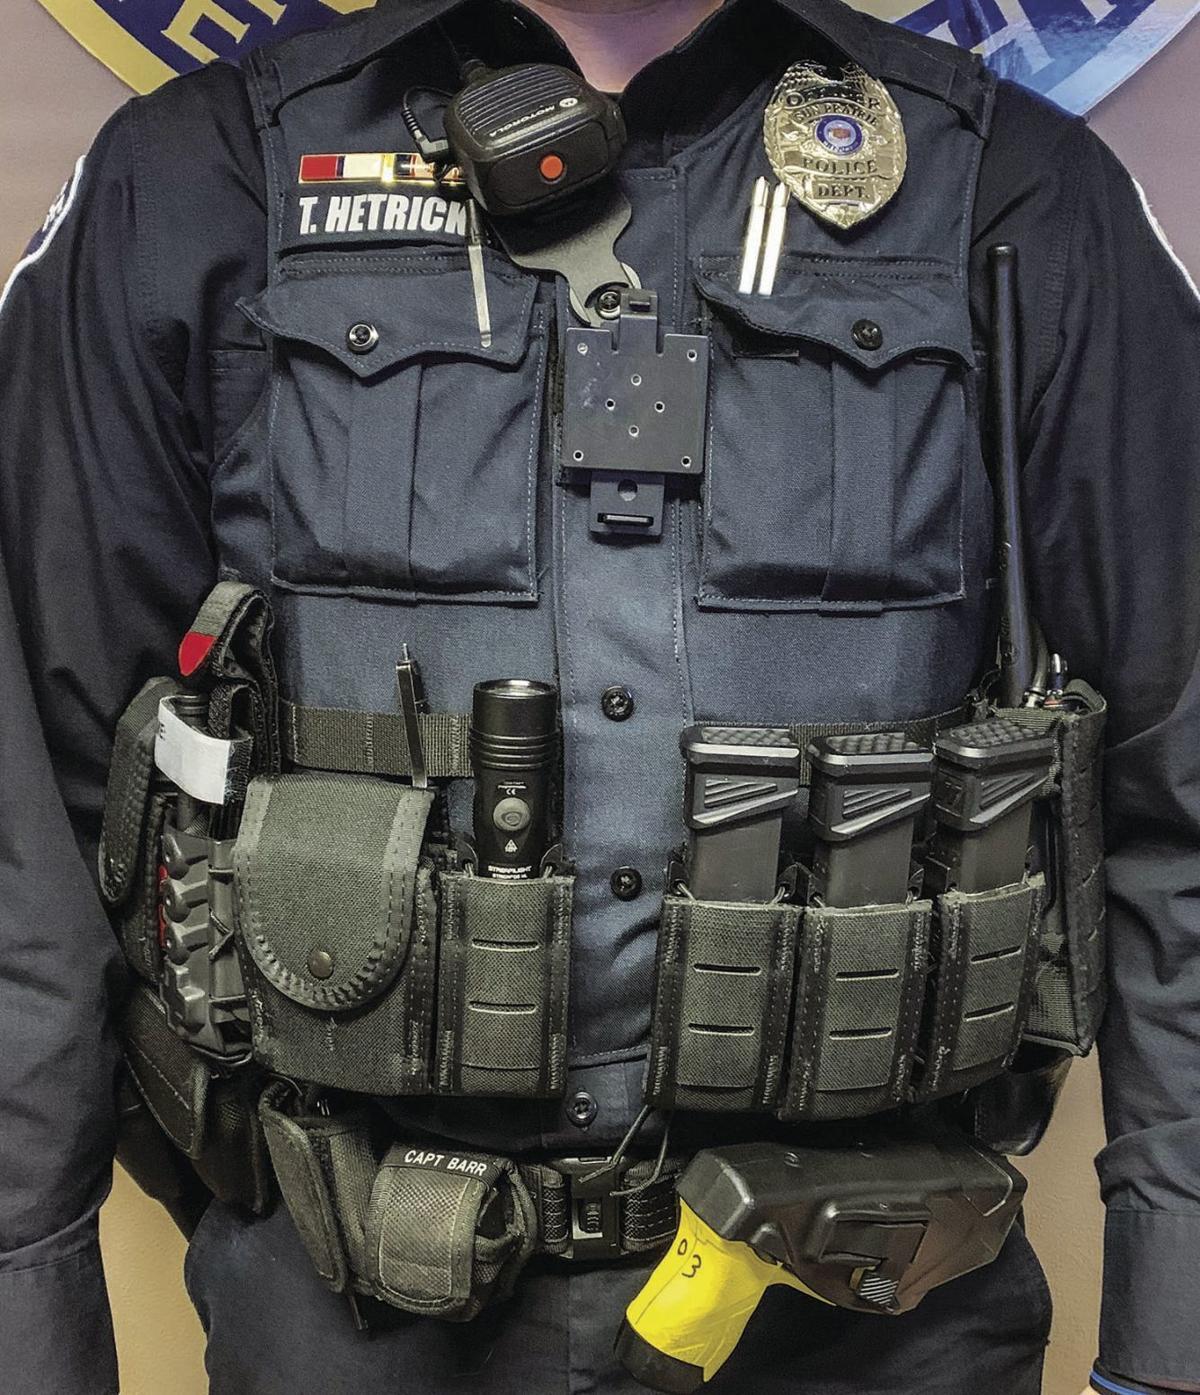 Load-bearing officer vest (2019)